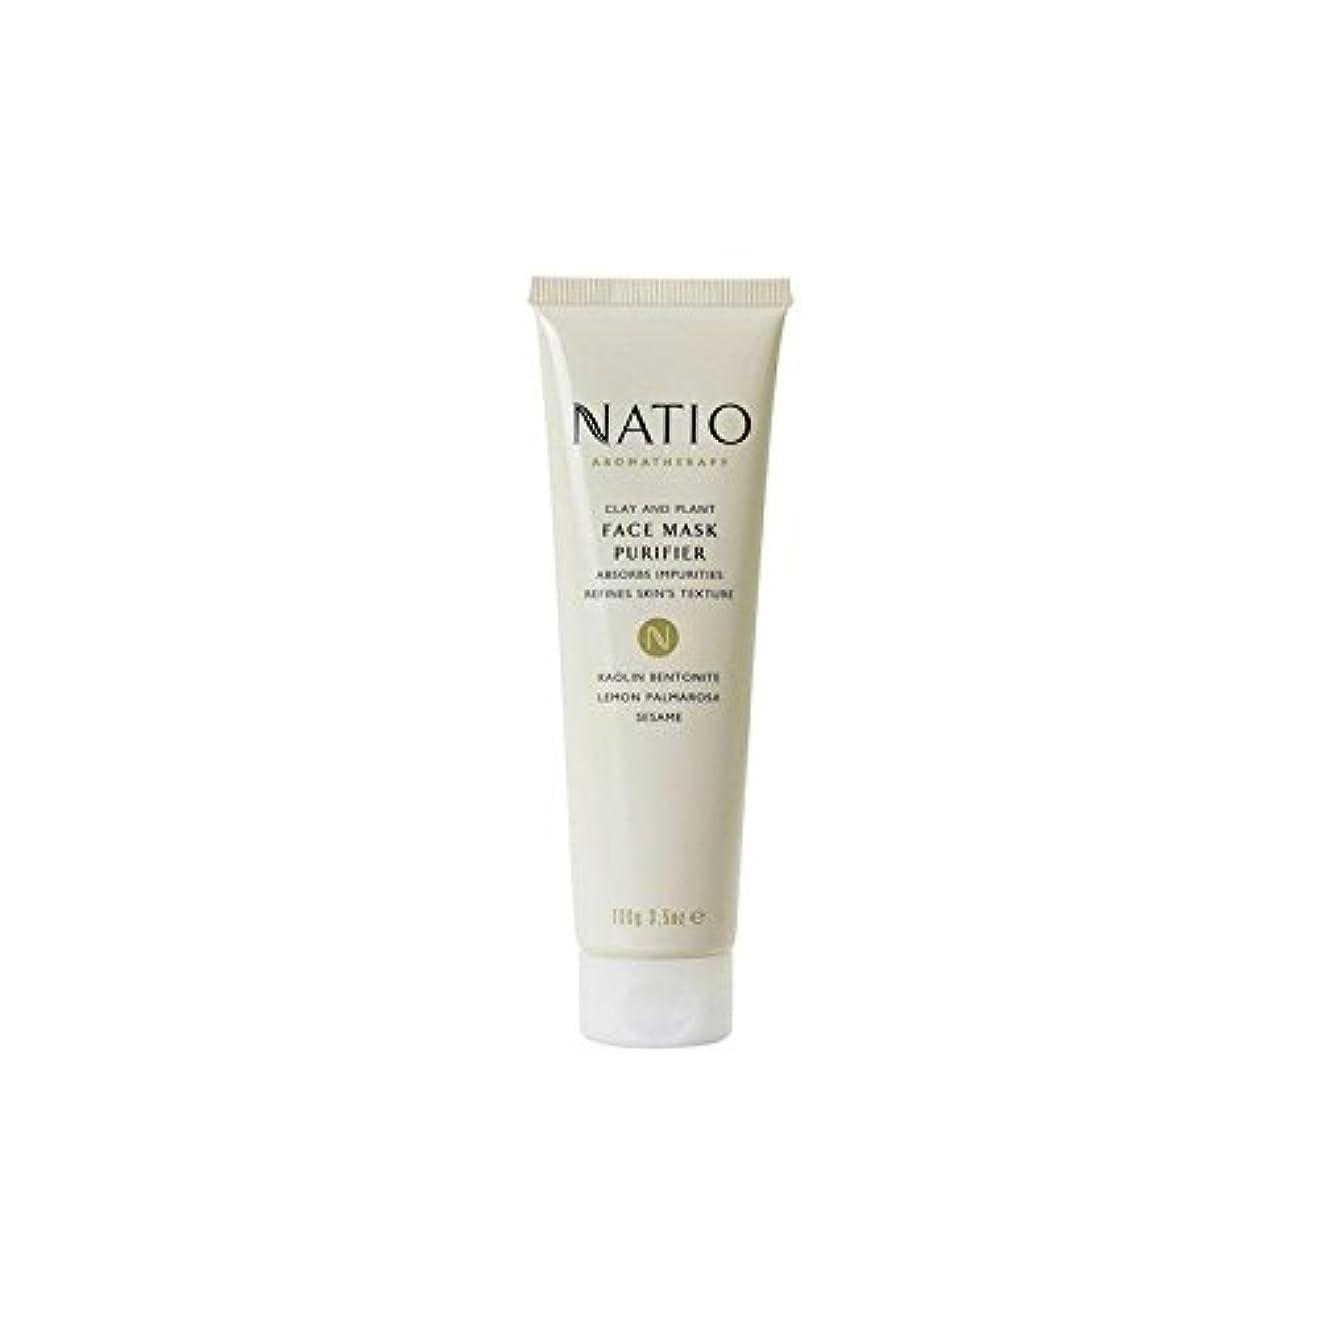 陰謀夜間一流Natio Clay & Plant Face Mask Purifier (100G) (Pack of 6) - 粘土&植物フェイスマスクの浄化(100グラム) x6 [並行輸入品]